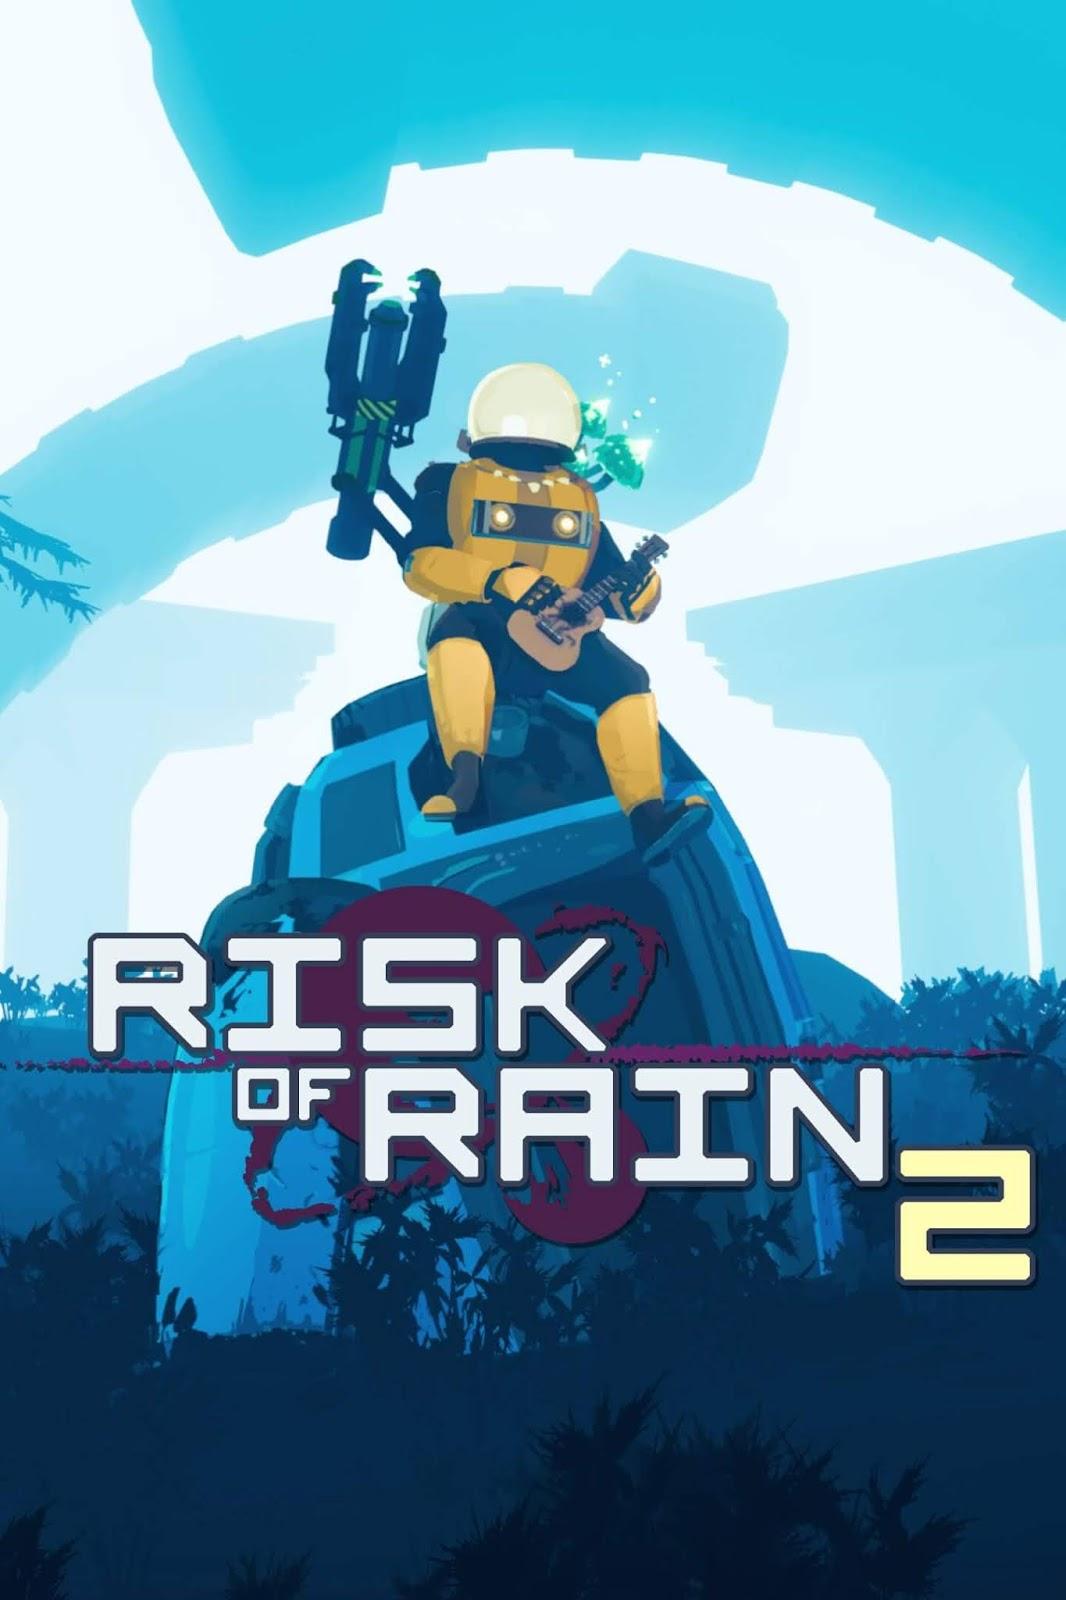 لعب Risk of Rain 2 ، تنزيل Risk of Rain 2 للكمبيوتر ، تنزيل آخر تحديث للعبة Risk of Rain 2 ، Play Risk of Rain 2 ، Play Risk of Rain 2 للكمبيوتر ، تنزيل لعبة Risk of Rain 2 إصدار FitGirl ، تنزيل لعبة FitGirl Risk of Rain 2 ، تنزيل لعبة CODEX crack of Risk of Rain 2 ، تنزيل نسخة مضغوطة من لعبة Risk of Rain 2 ، تنزيل الإصدار الكامل من لعبة Risk of Rain 2 ، تنزيل الإصدار النهائي من لعبة Risk of Rain 2 ، مراجعة اللعبة خطر المطر 2